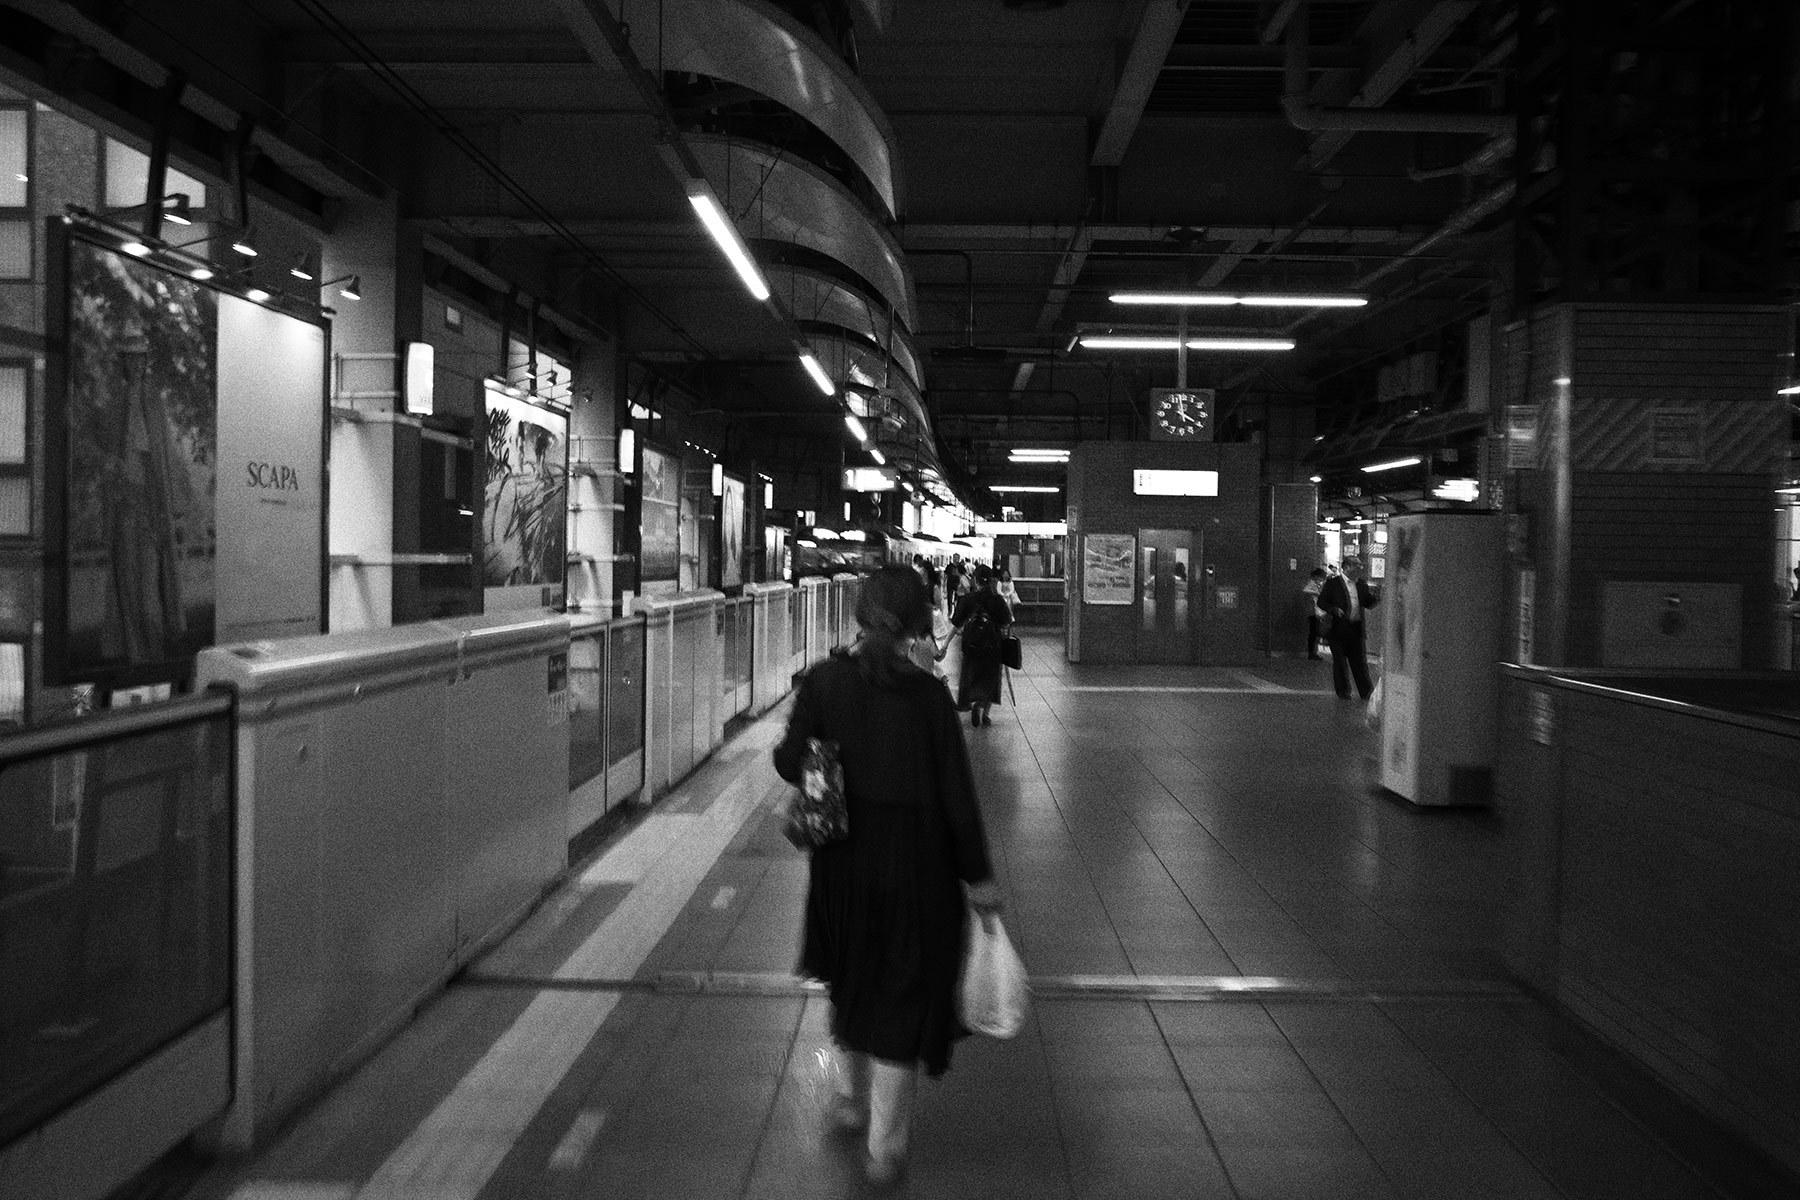 駅_f0121181_02592510.jpg